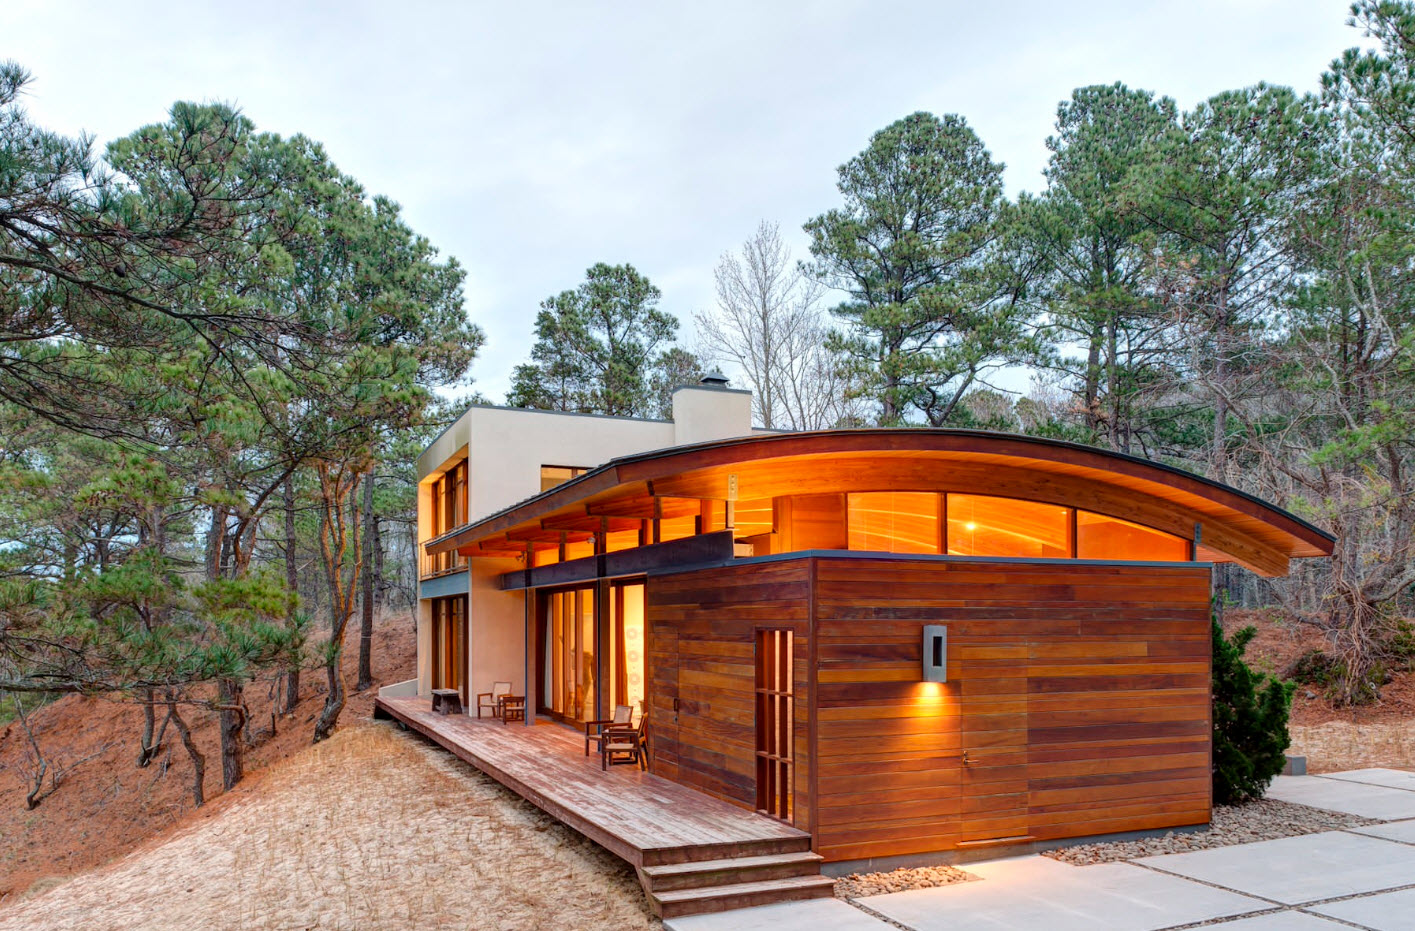 Revestimientos de madera para paredes exteriores - Revestimiento de madera ...